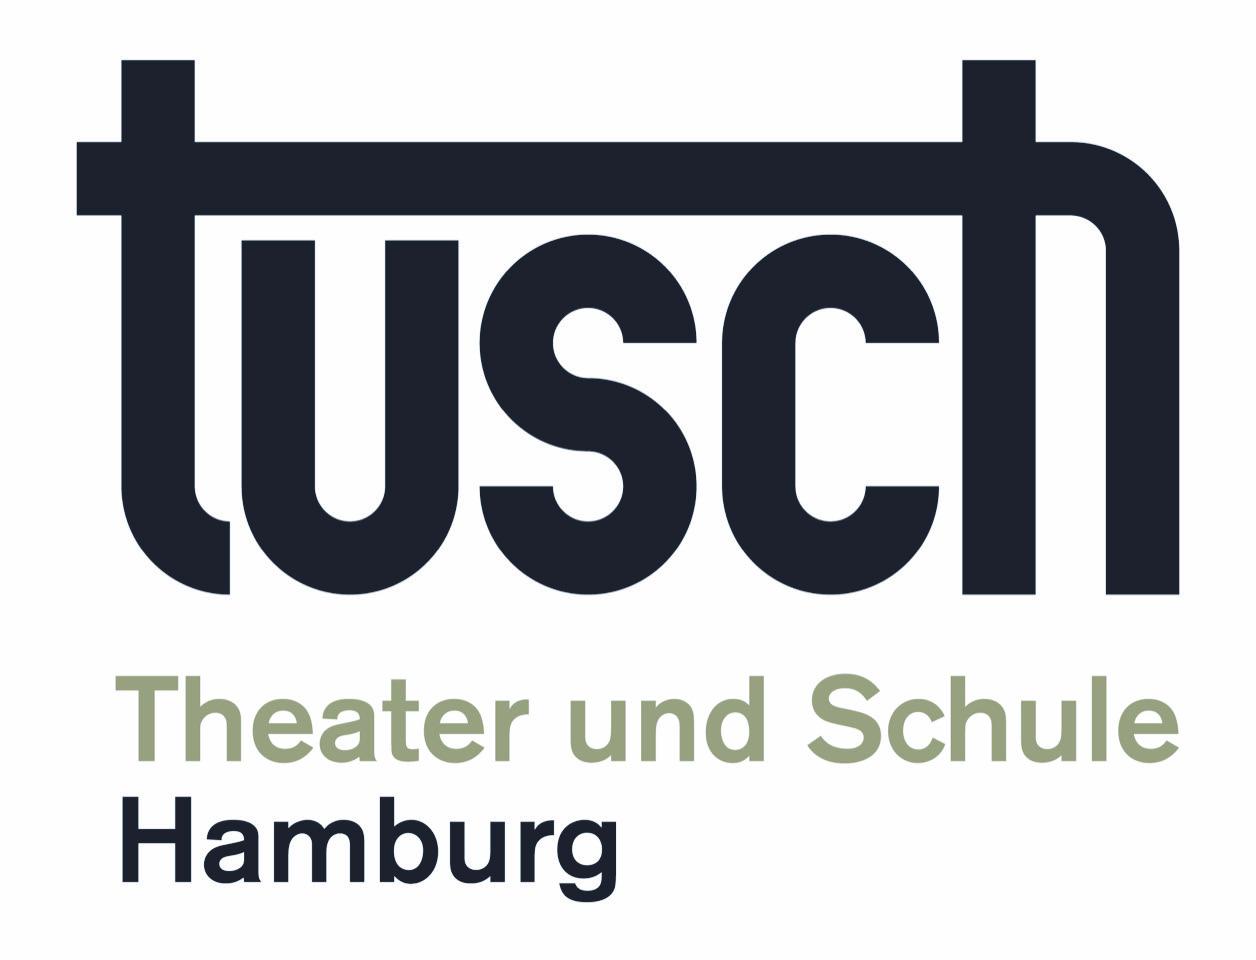 tusch Theater und Schule